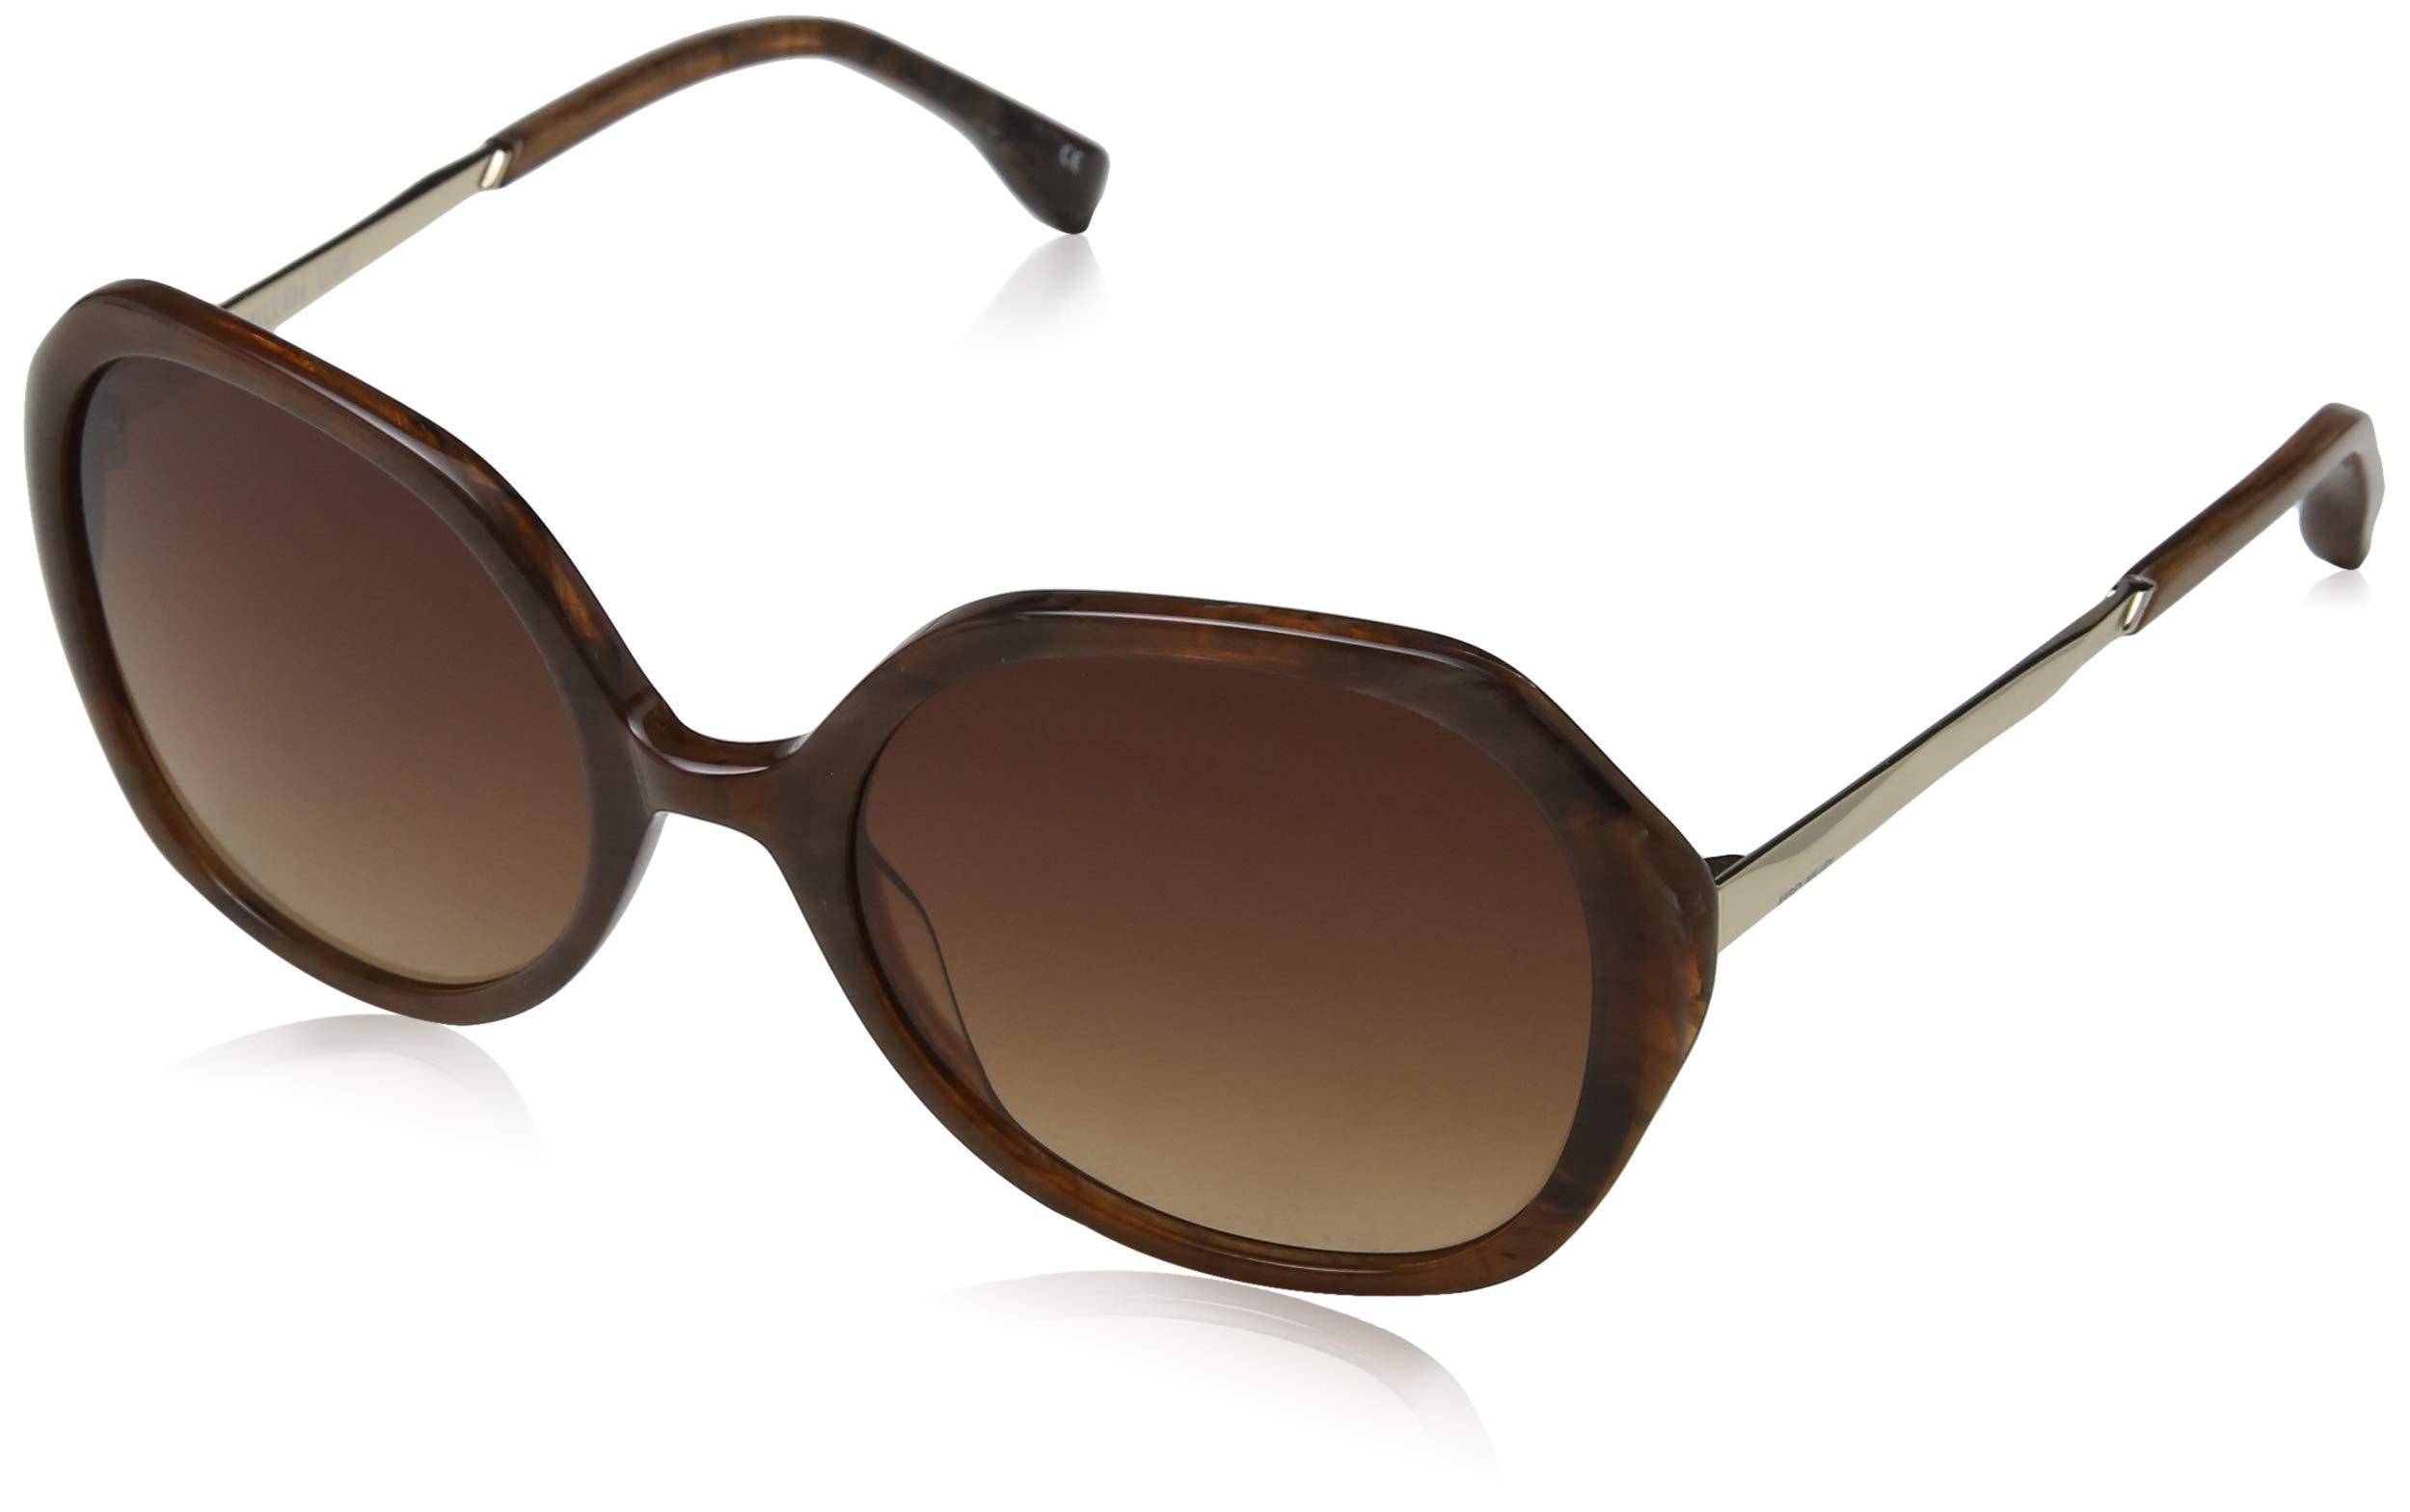 Femme Karen 0 Sunglasses LunettesMarronbrown55 Millen Montures De Luxe 7vYfgby6